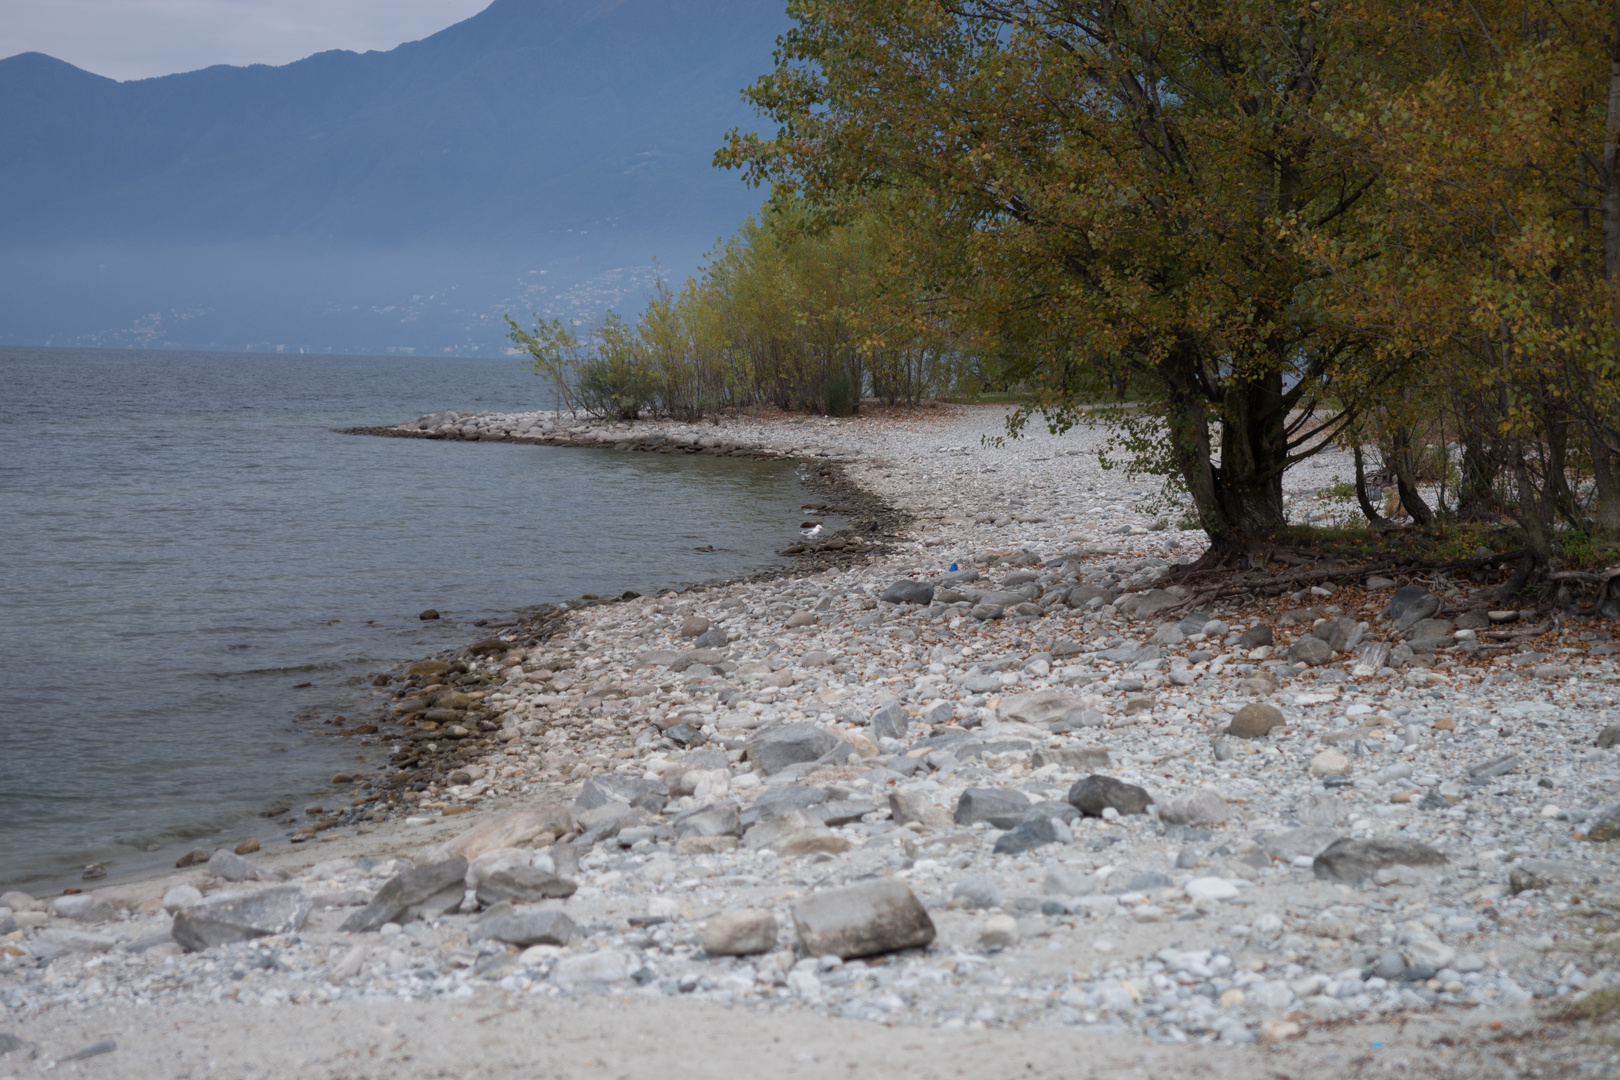 Herbst am Lago Maggiore